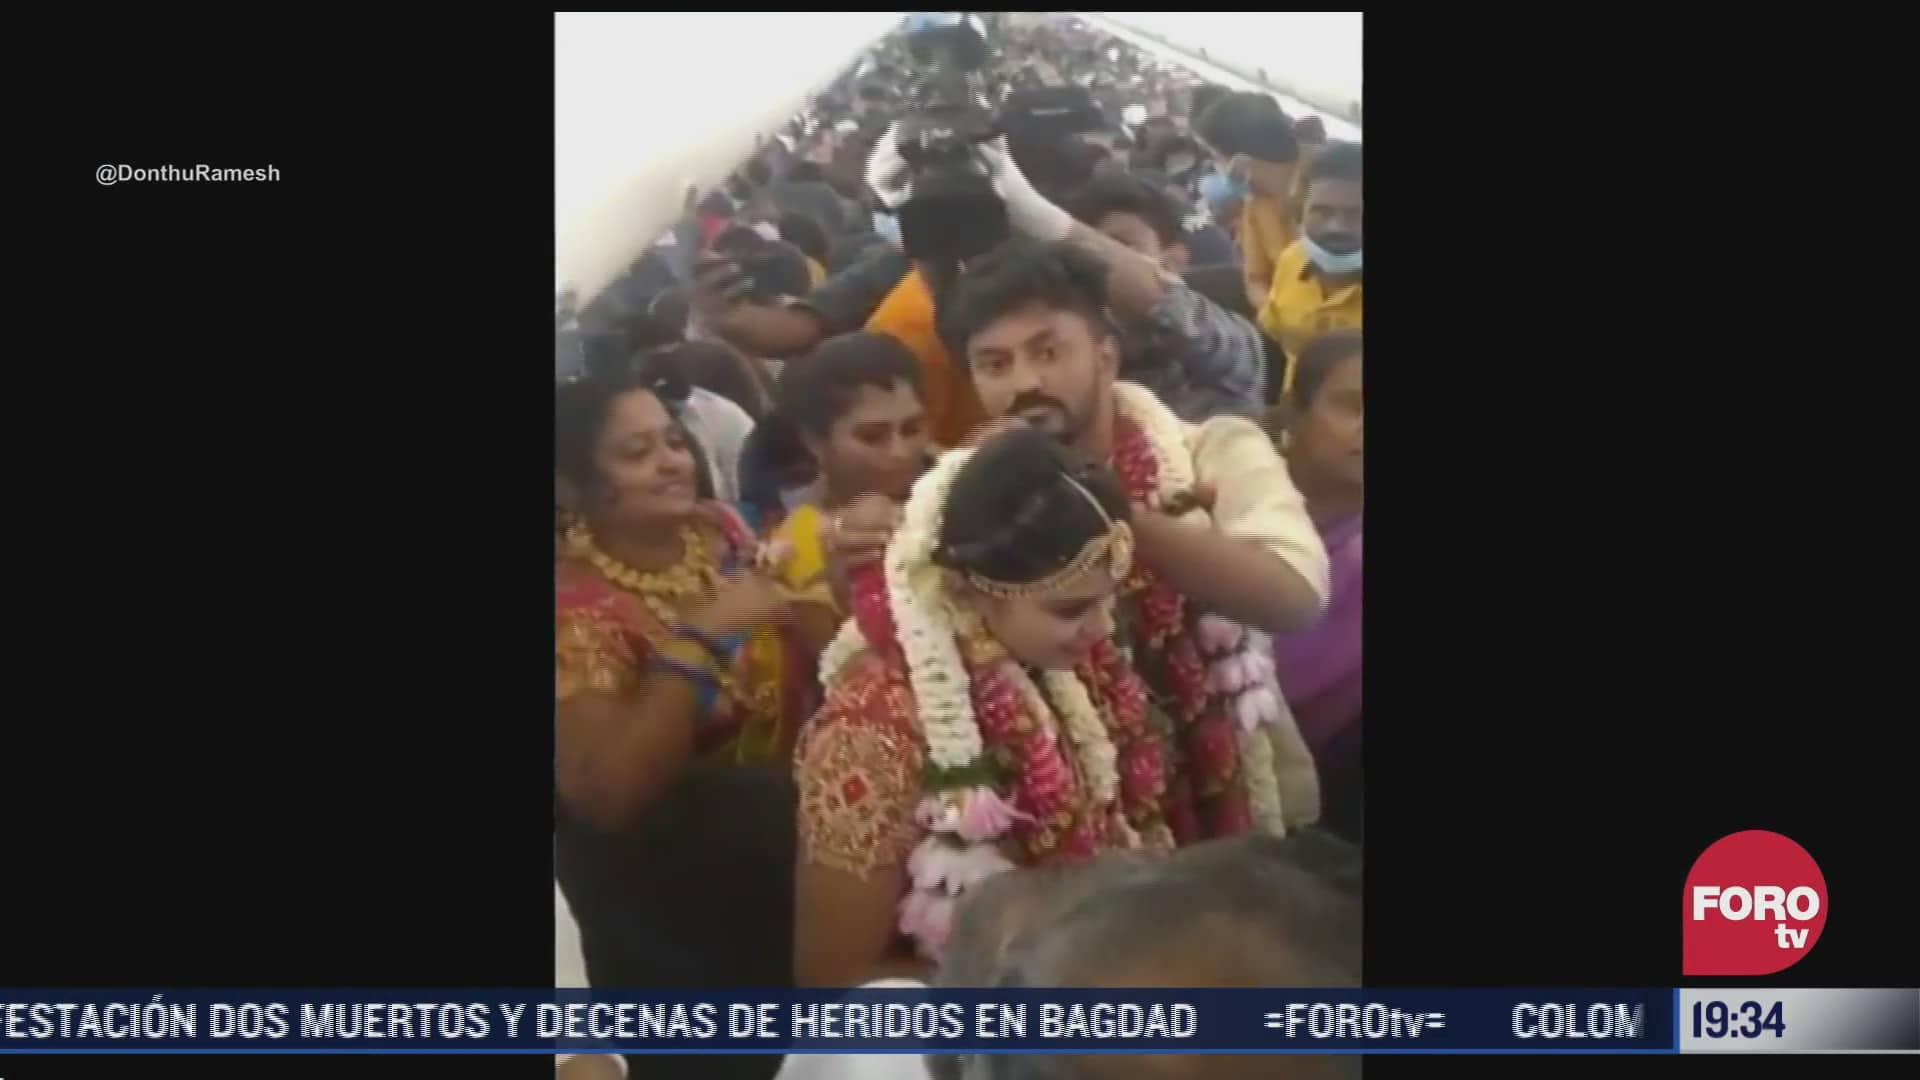 pareja celebra su boda en avion para evitar restricciones covid